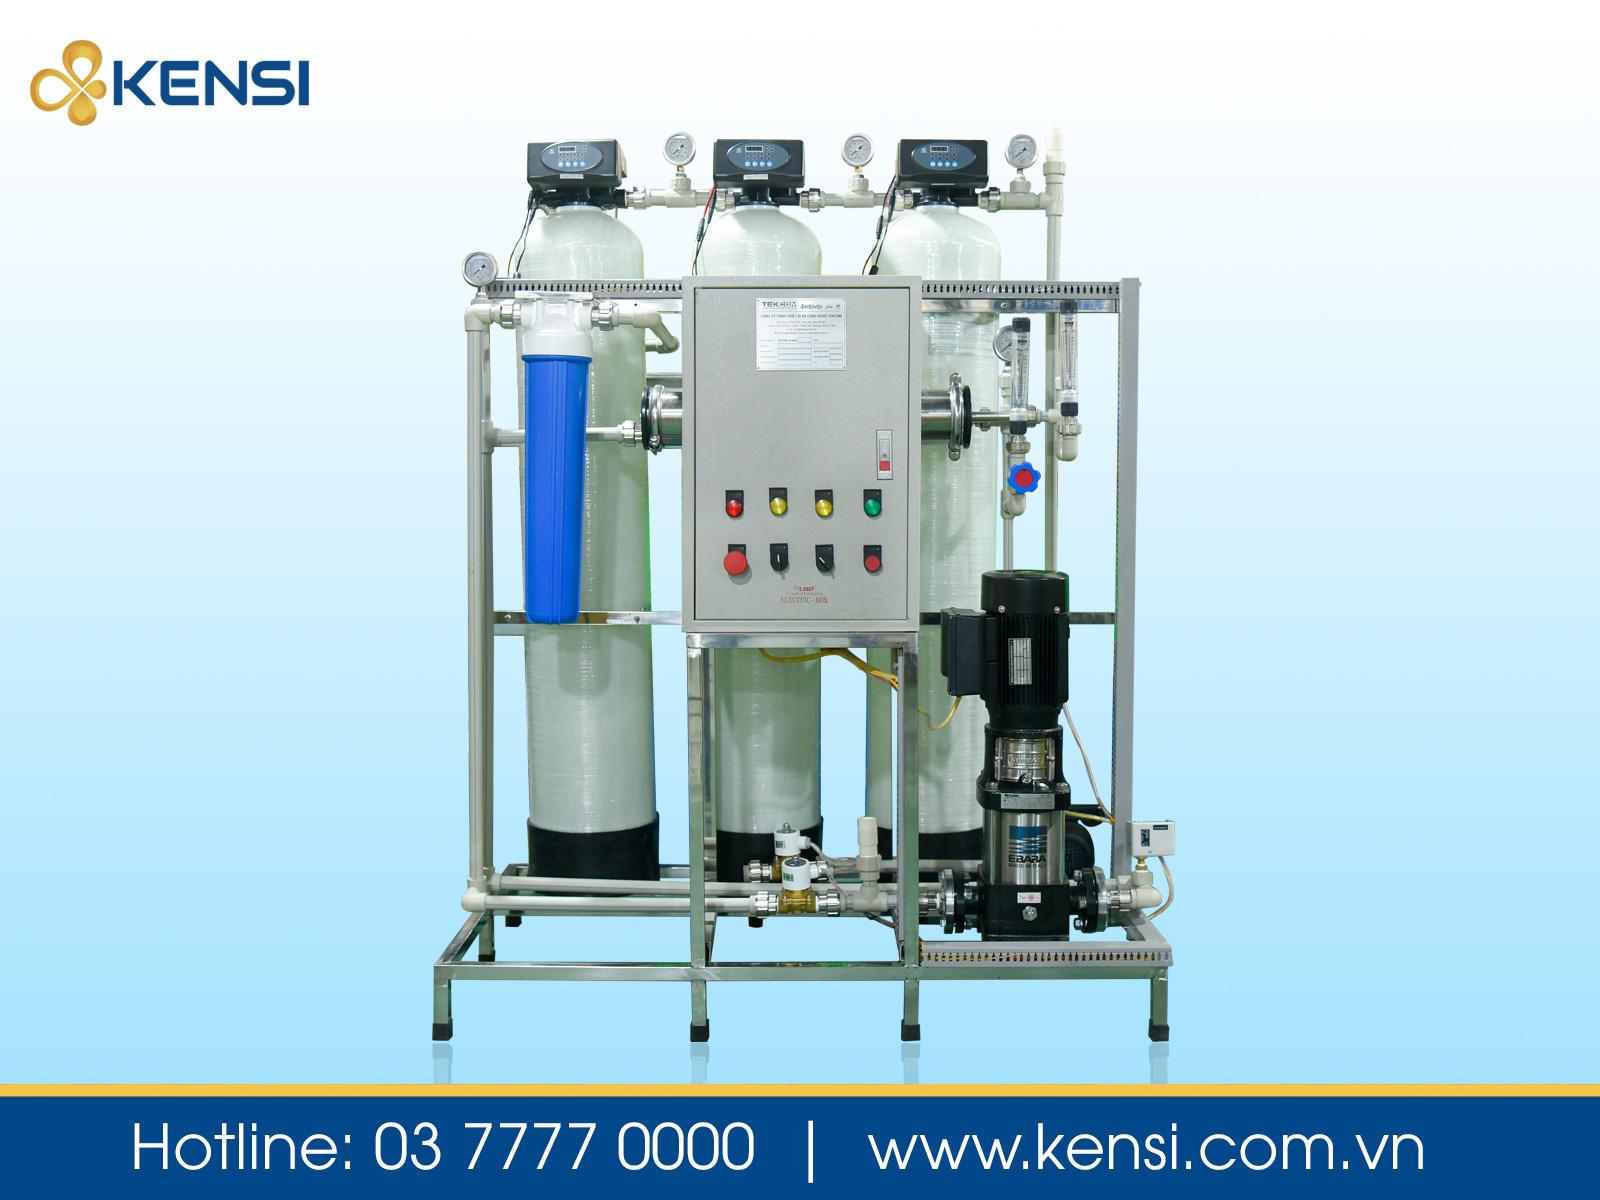 Máy lọc nước công nghiệp sử dụng thích hợp cho nhà hàng